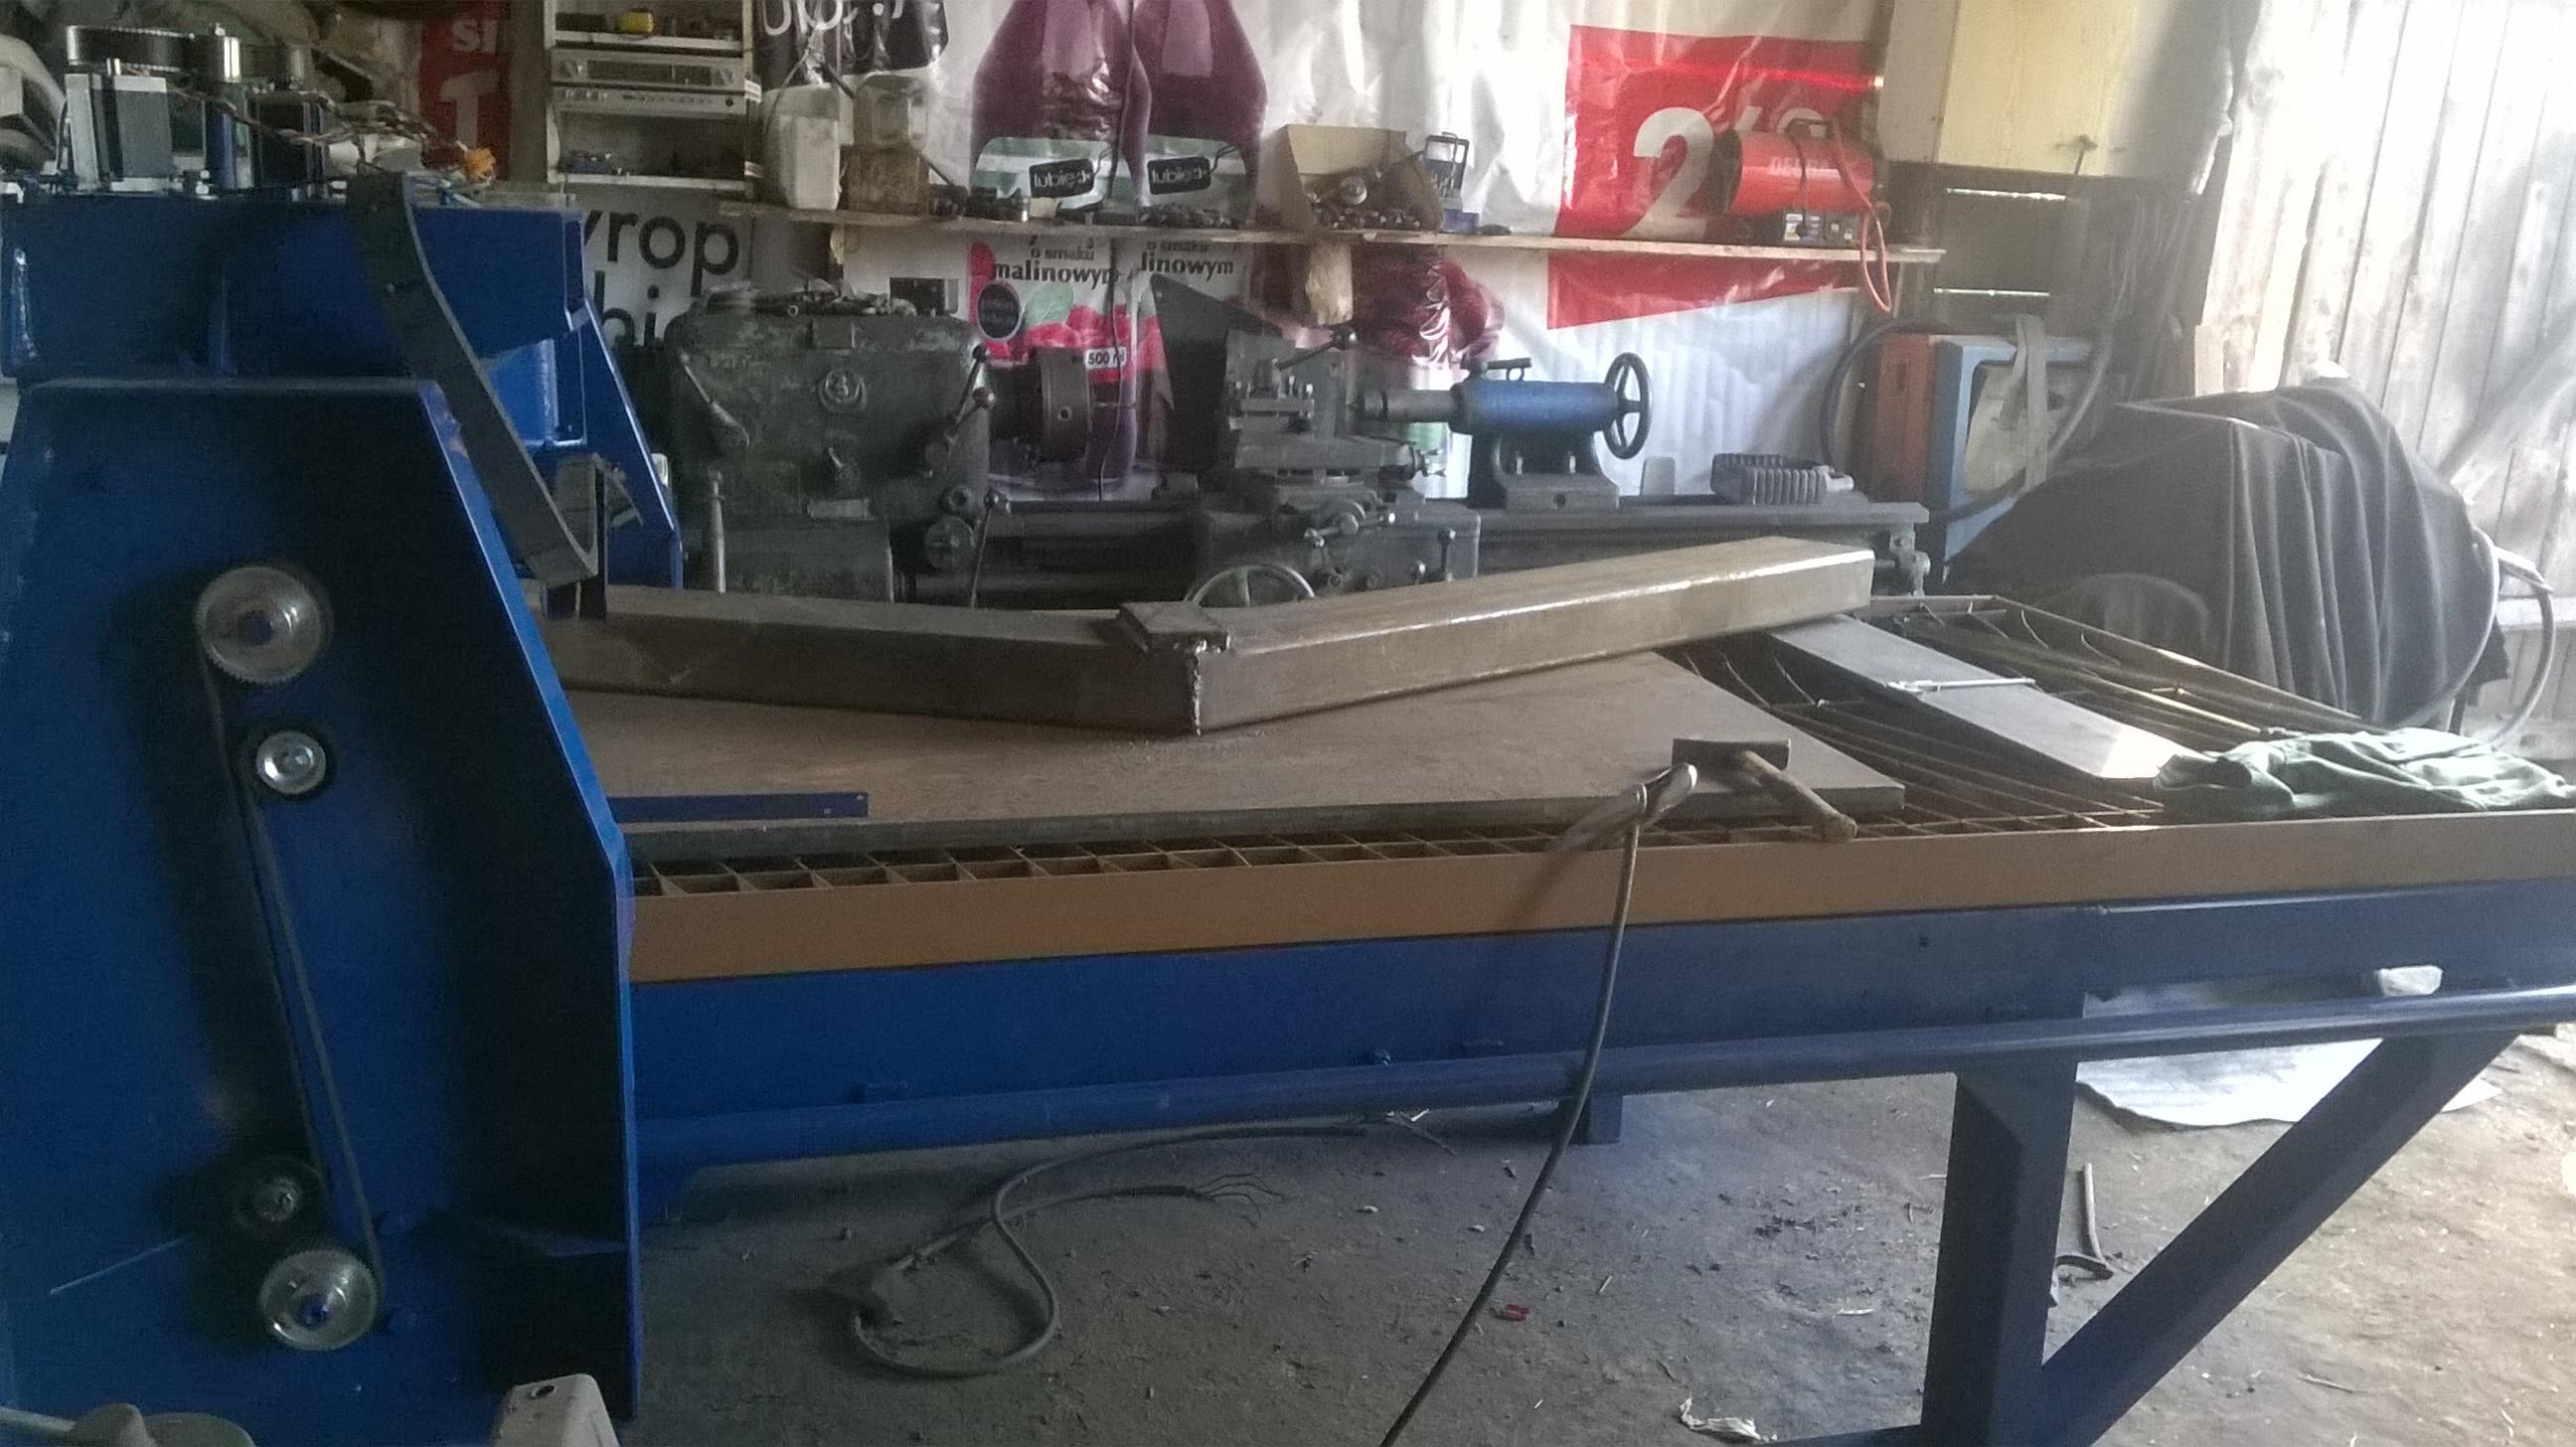 Wspaniały Budowa stołu CNC do plazmy - Obrazek, fotka, zdjecie, photo NB68